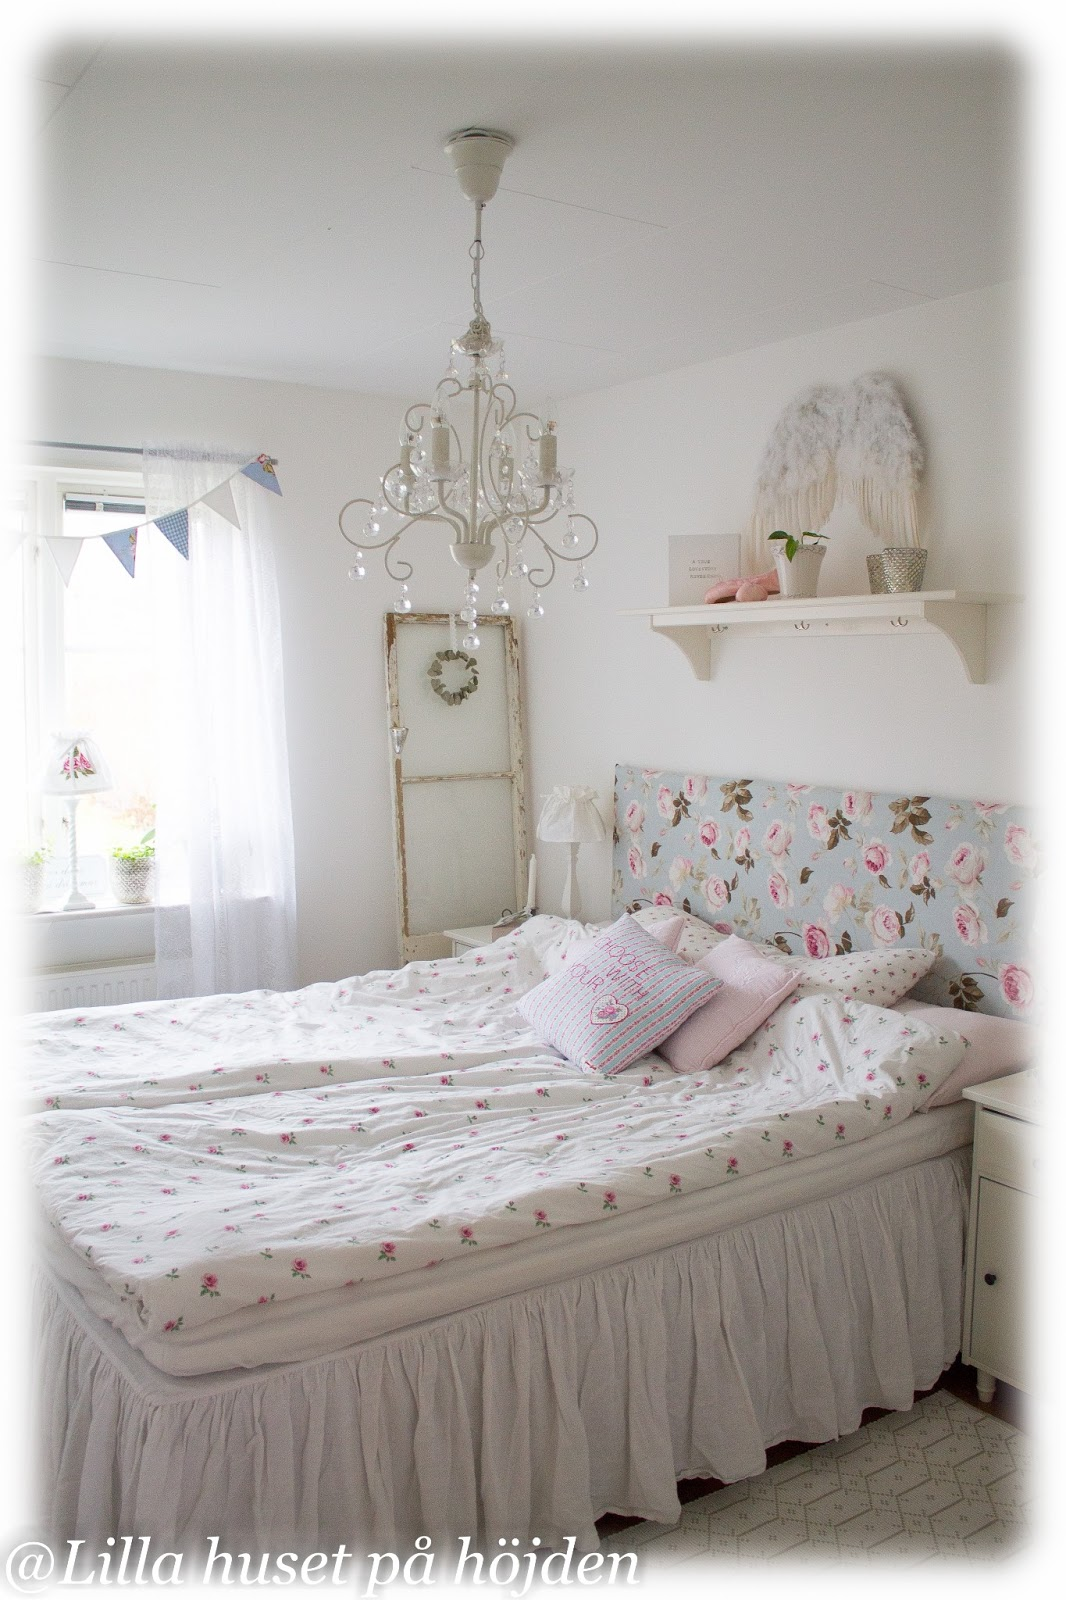 Lilla huset på höjden: scener från ett sovrum